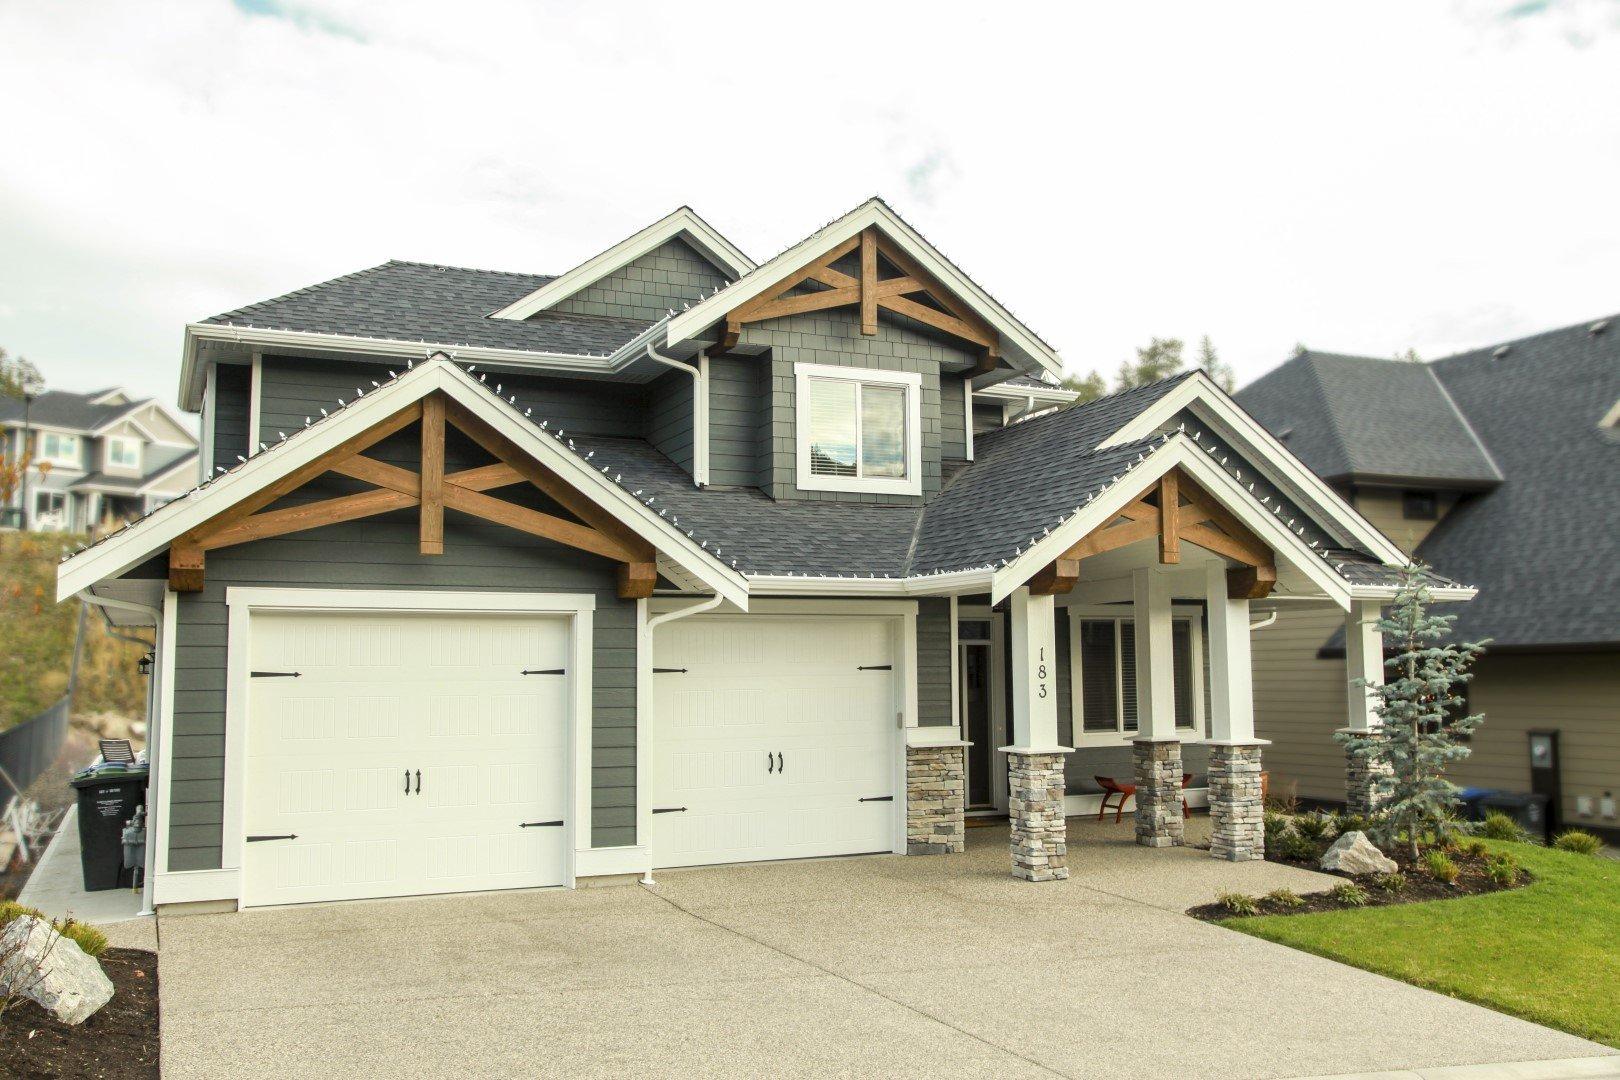 Wilden - Craftsman Home Design